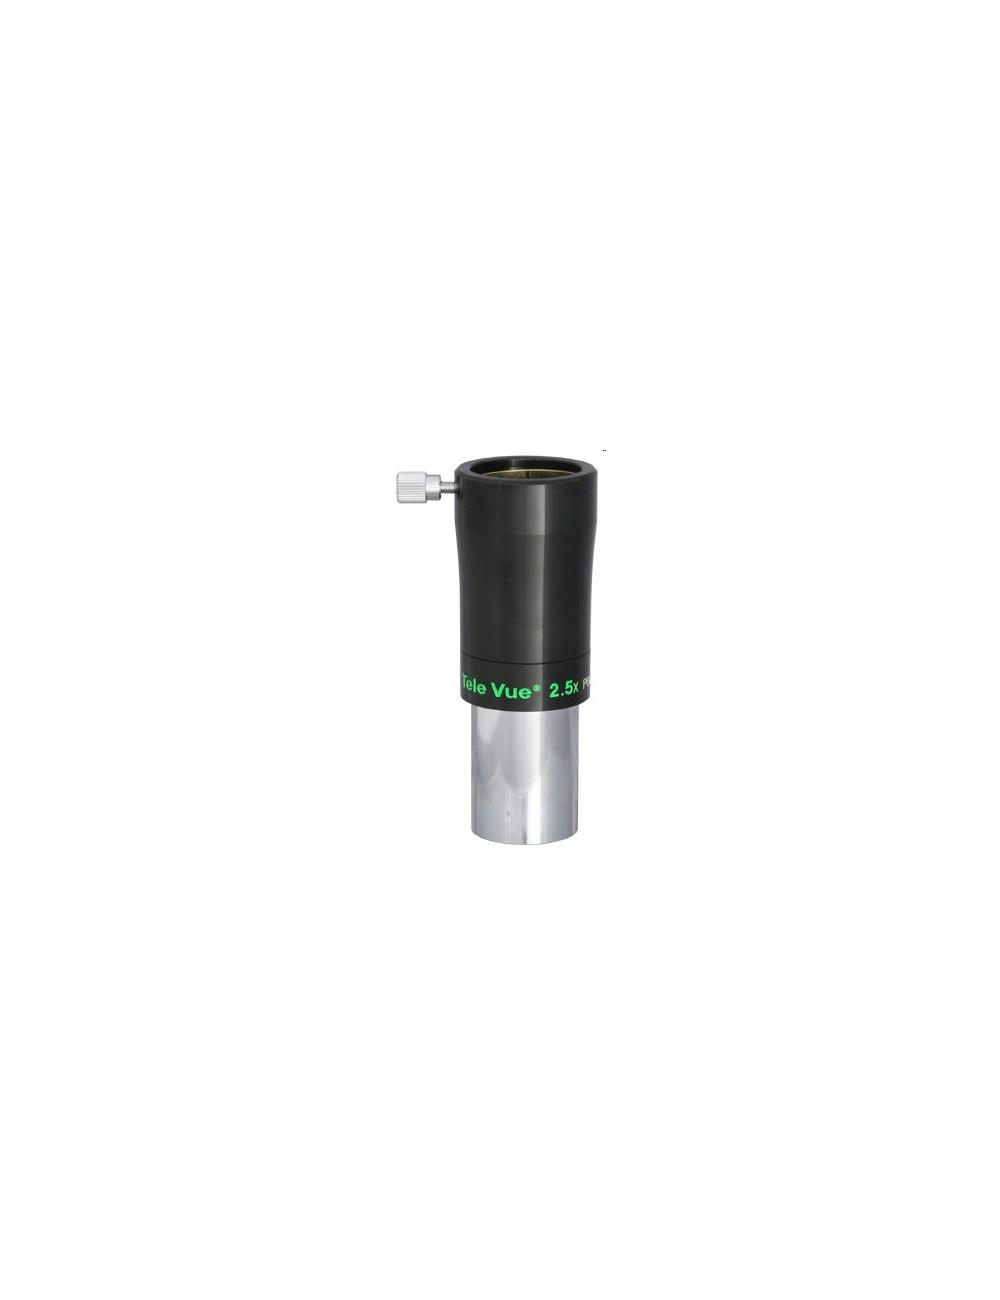 Lentille de Barlow Tele Vue Powermate 2,5x - Ø 31,75 mm